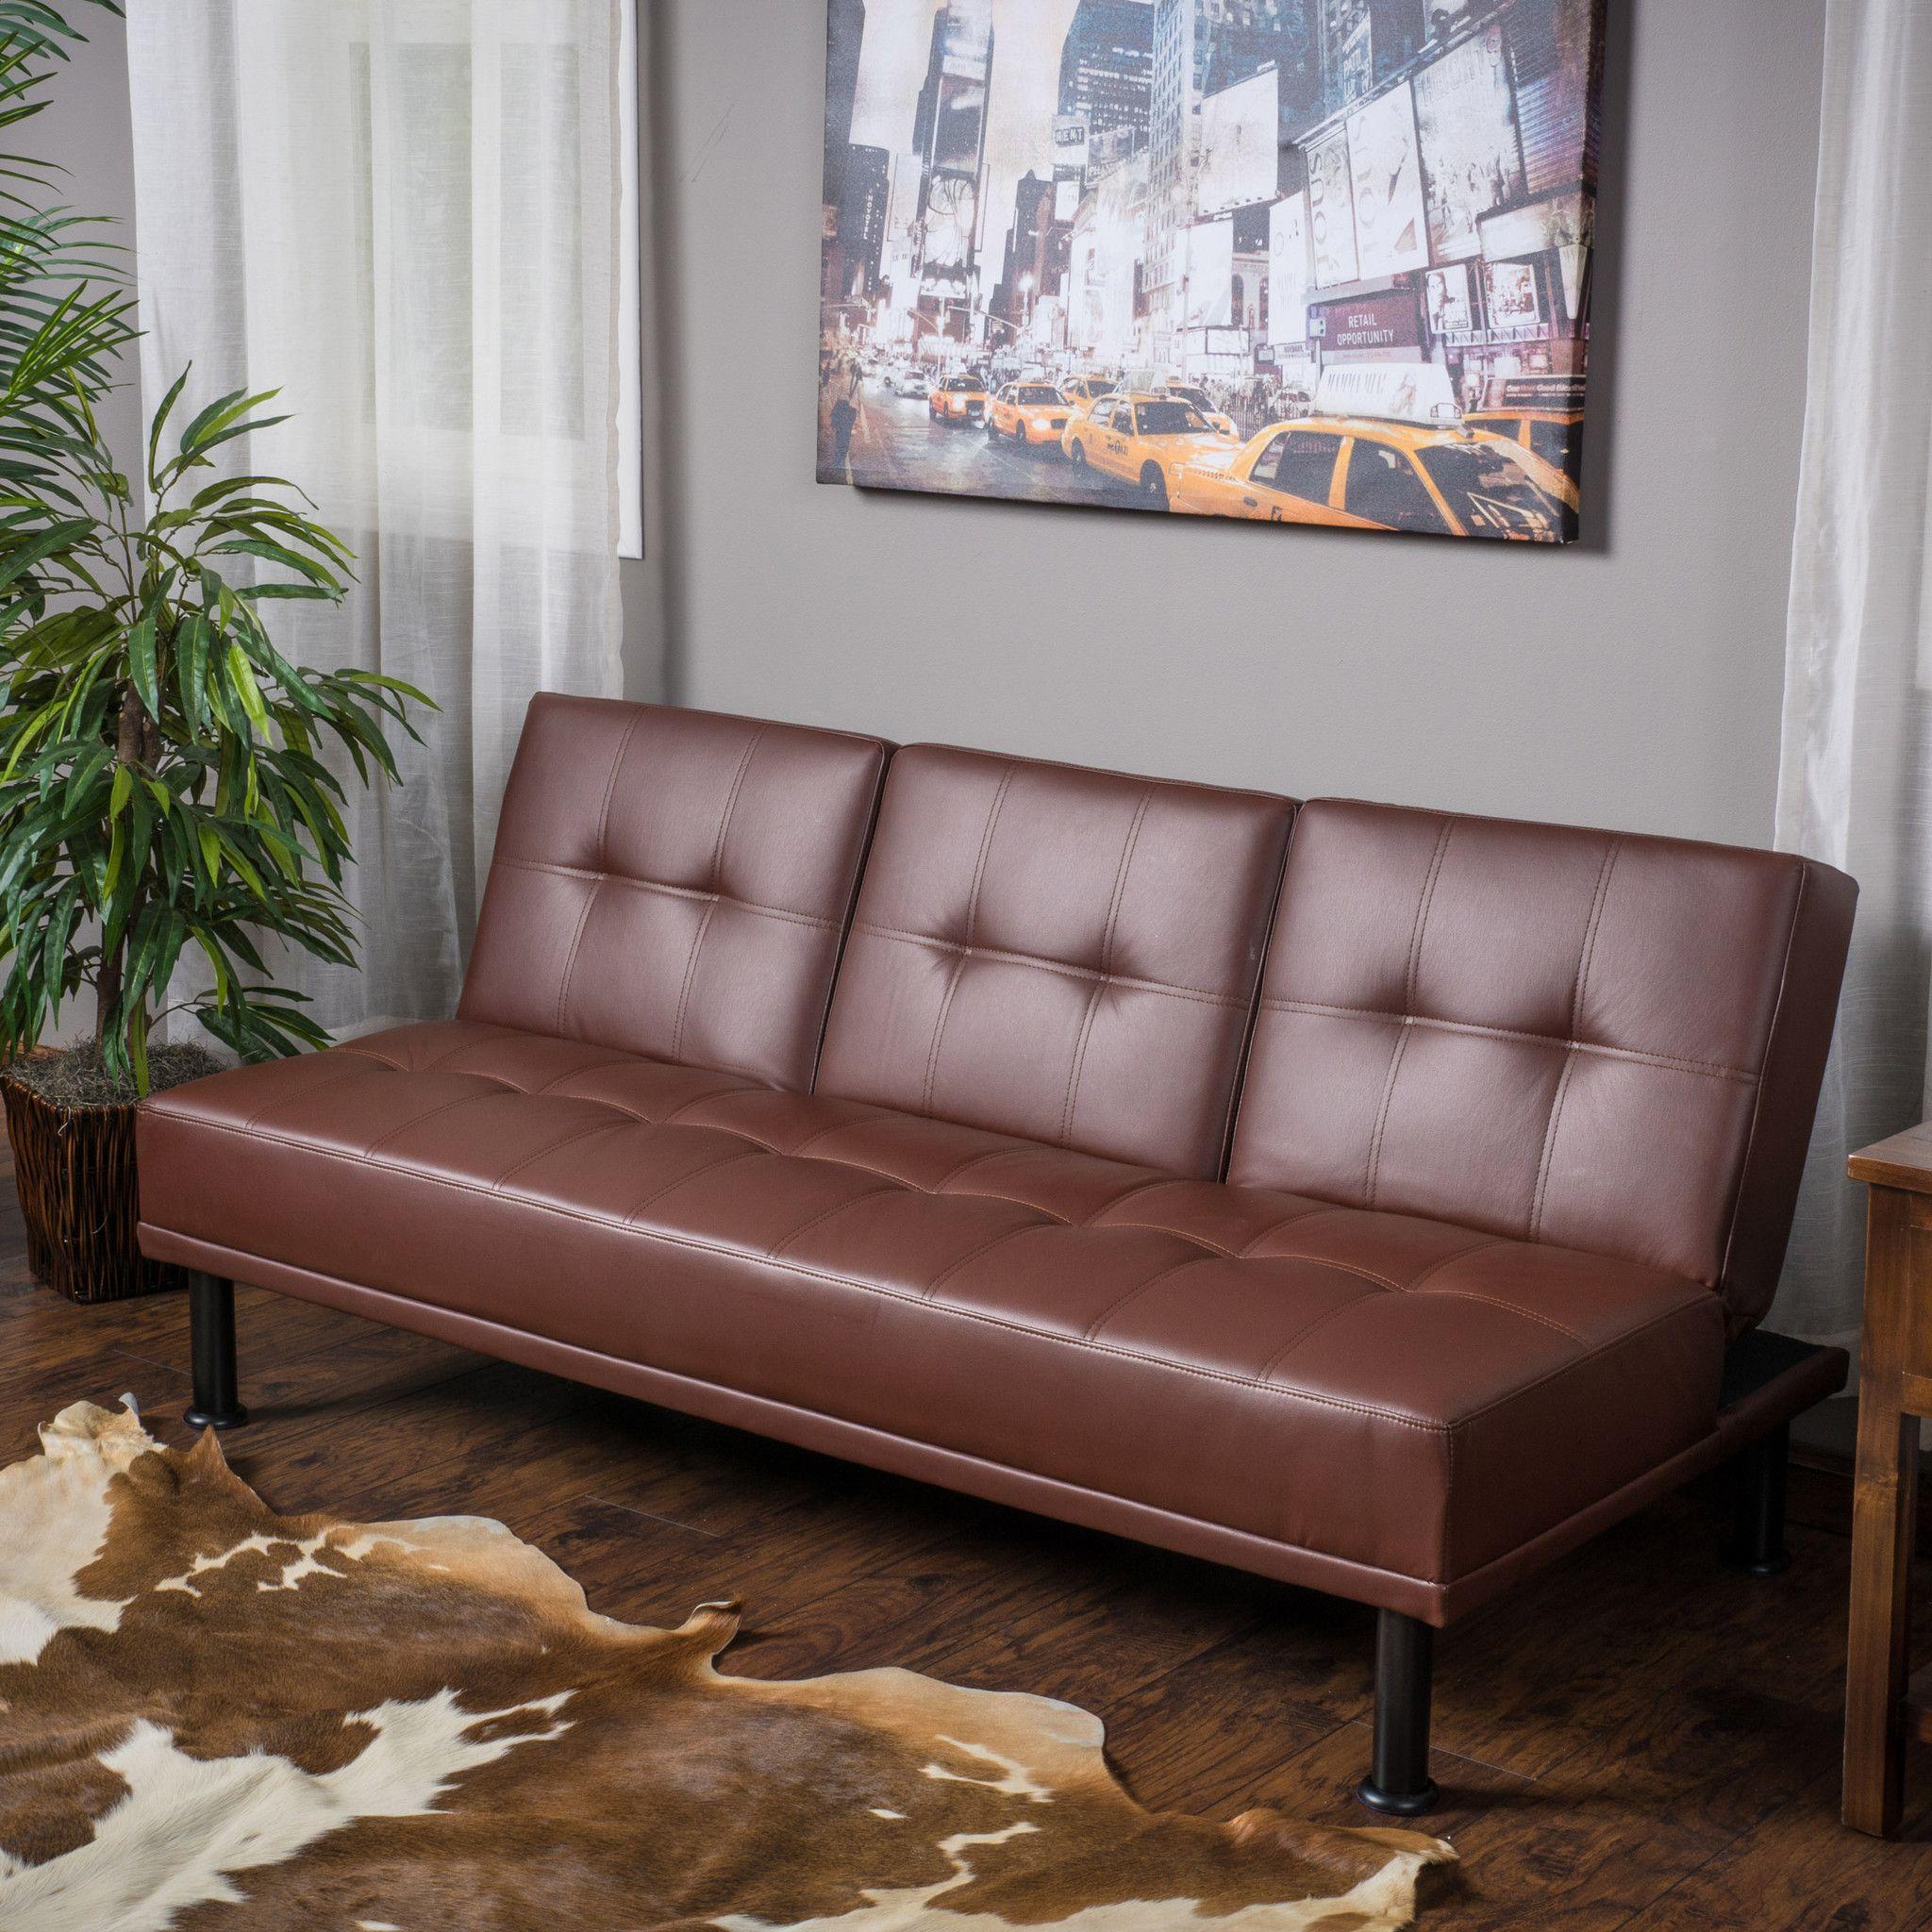 Heston Brown Vinyl Click Clack Futon 3Seater Futon Sofa